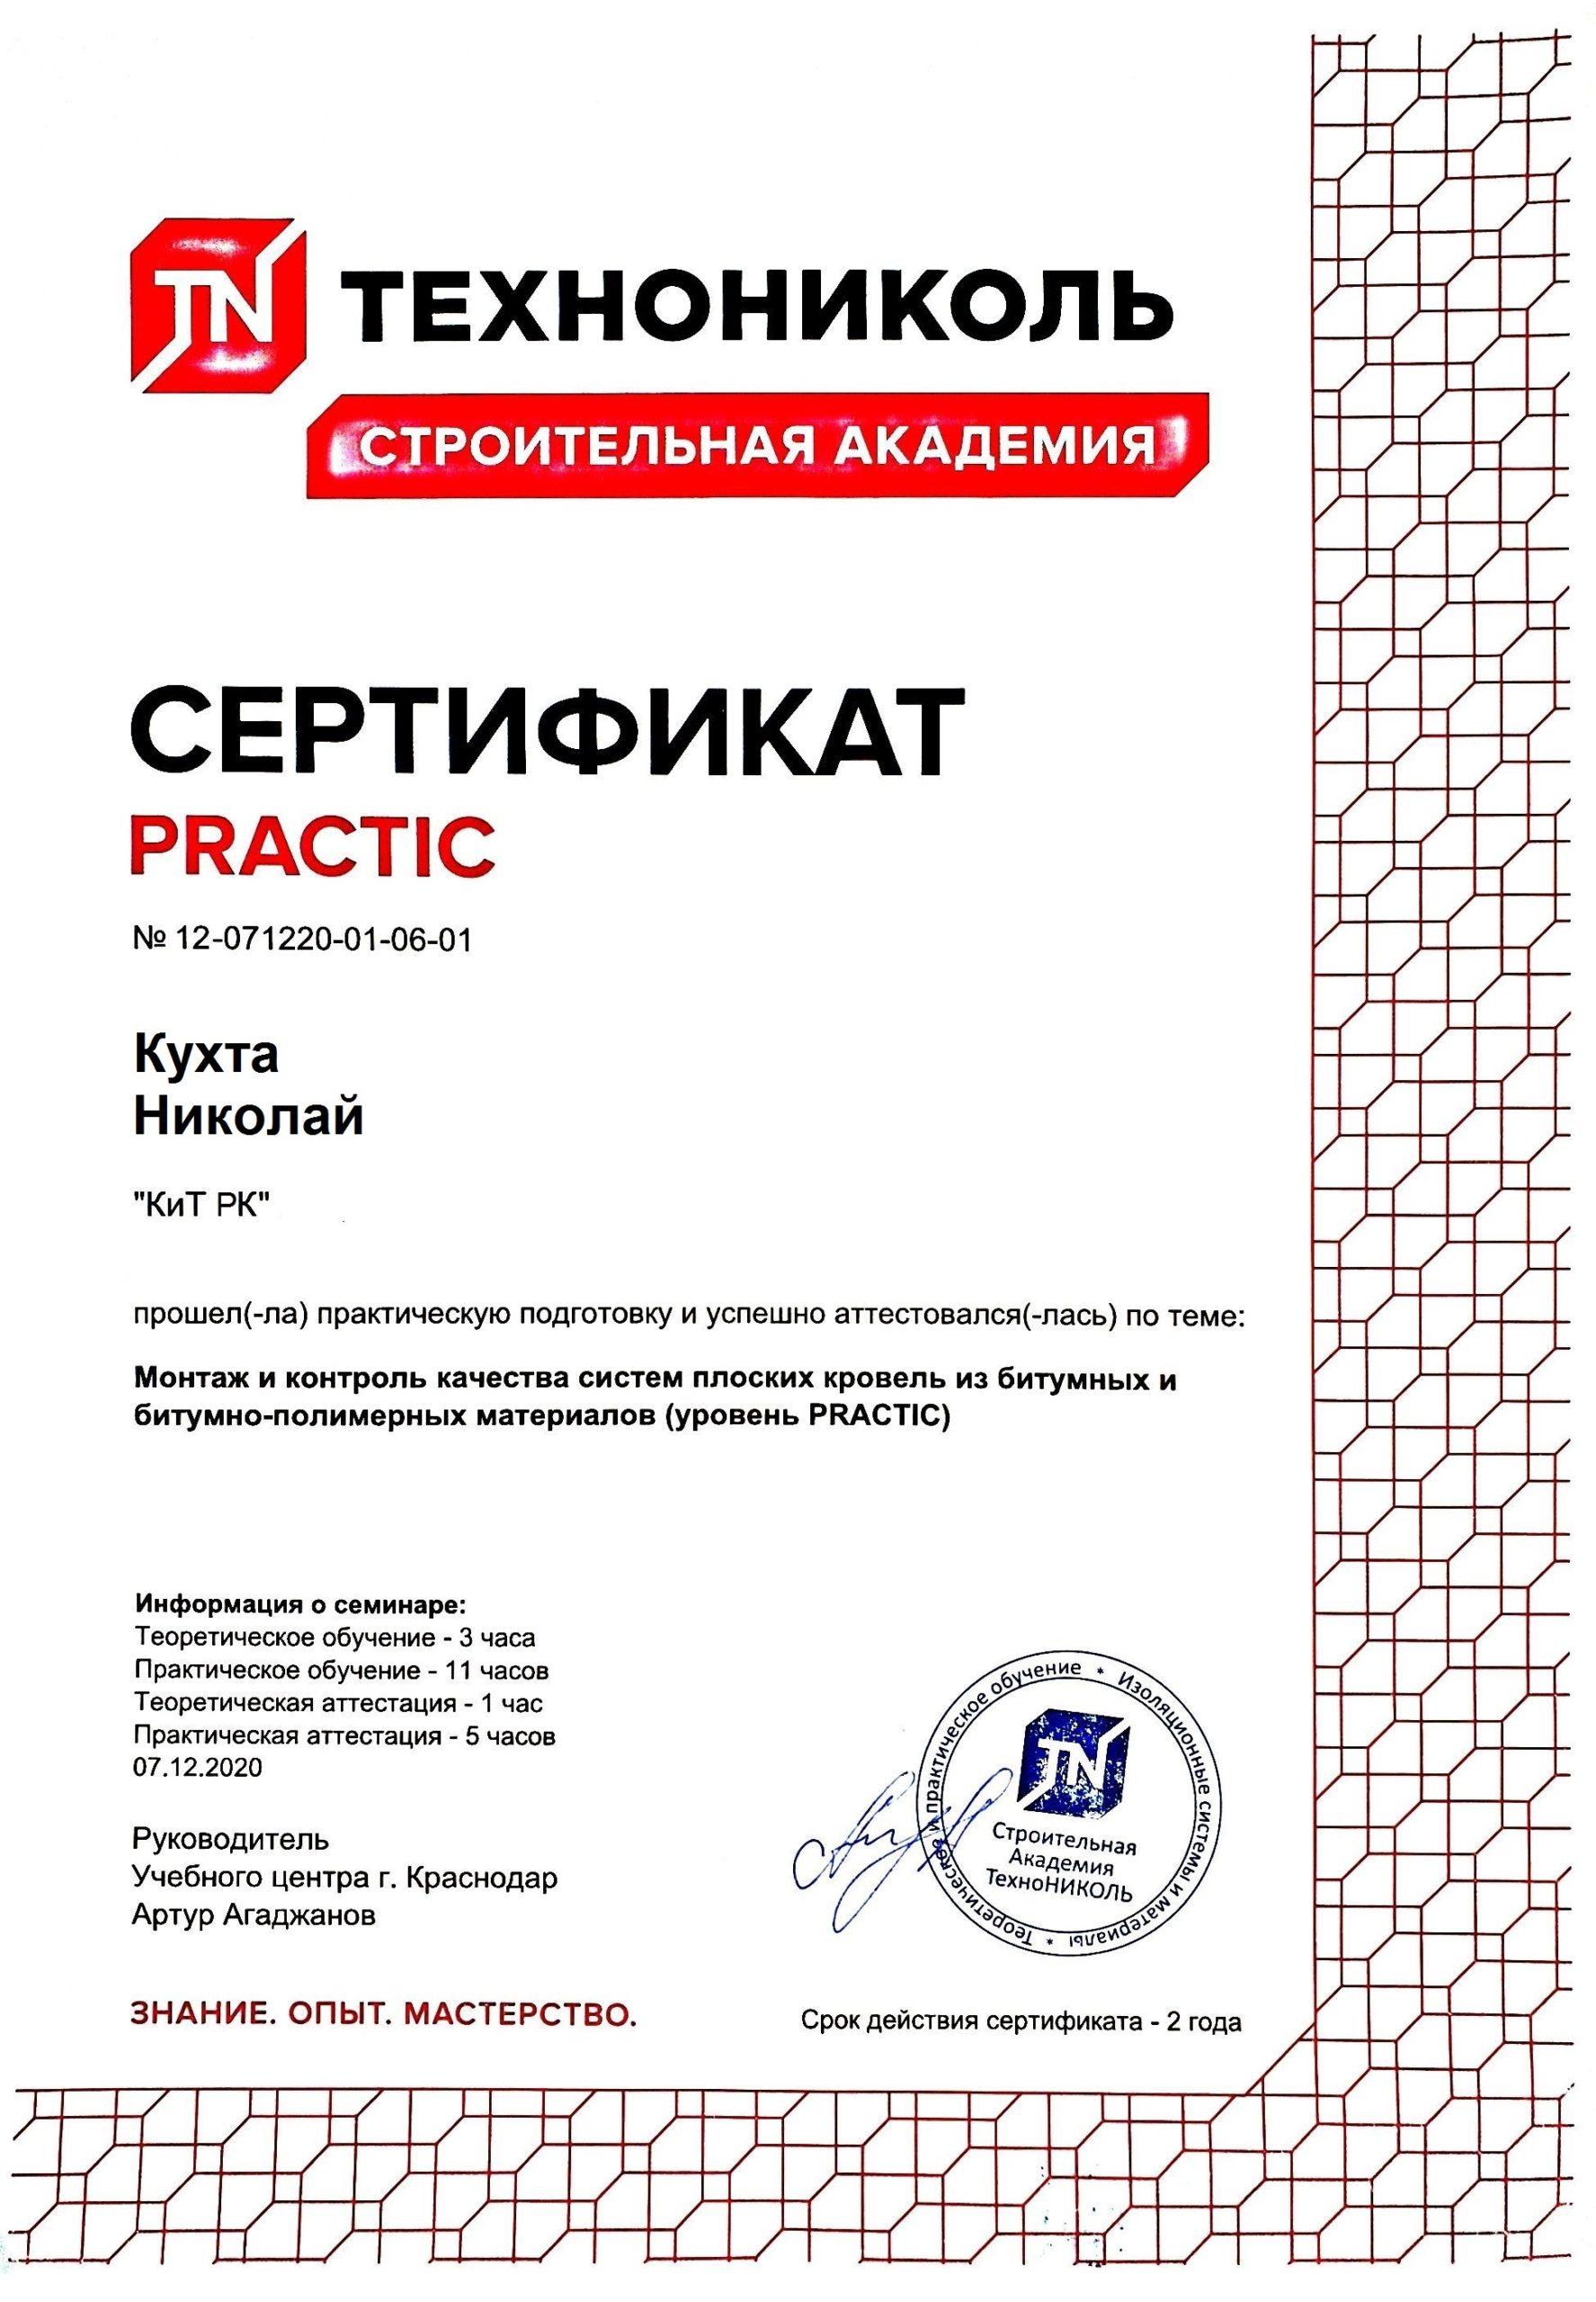 Сертификат коля